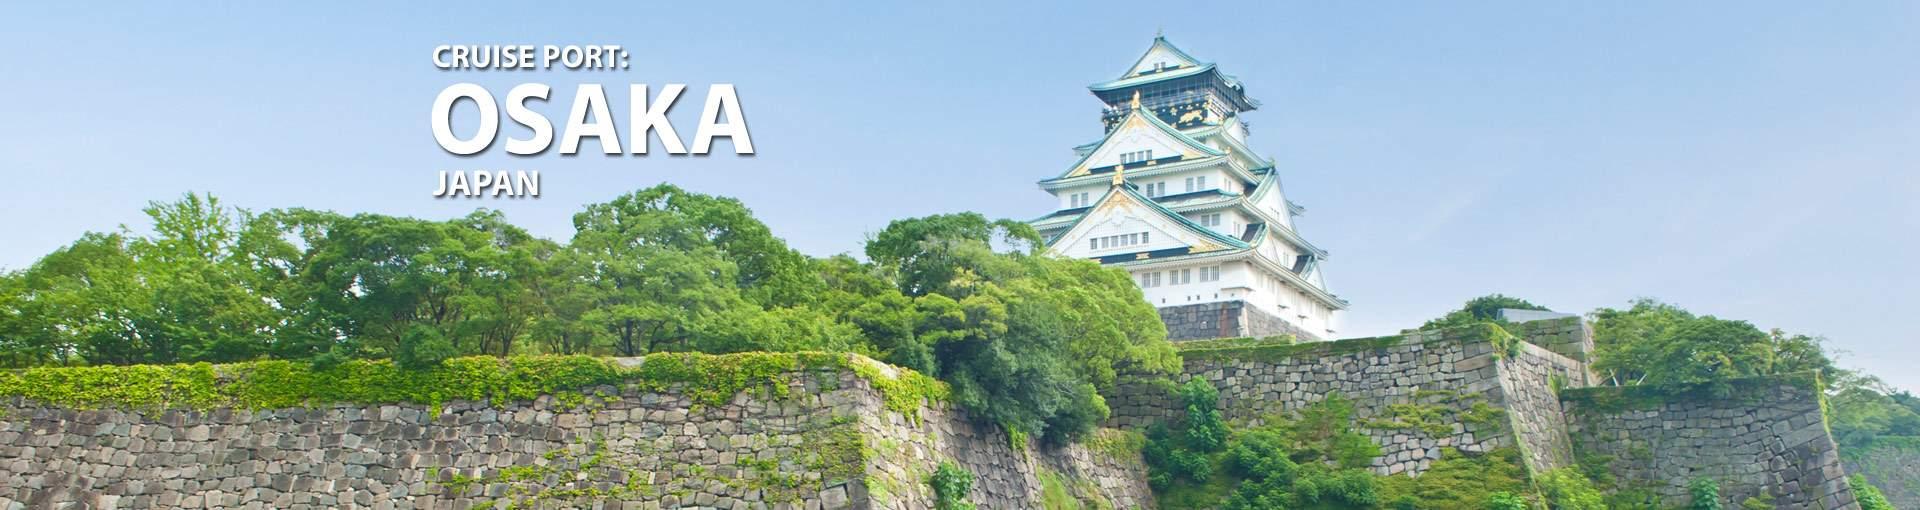 Cruises from Osaka, Japan